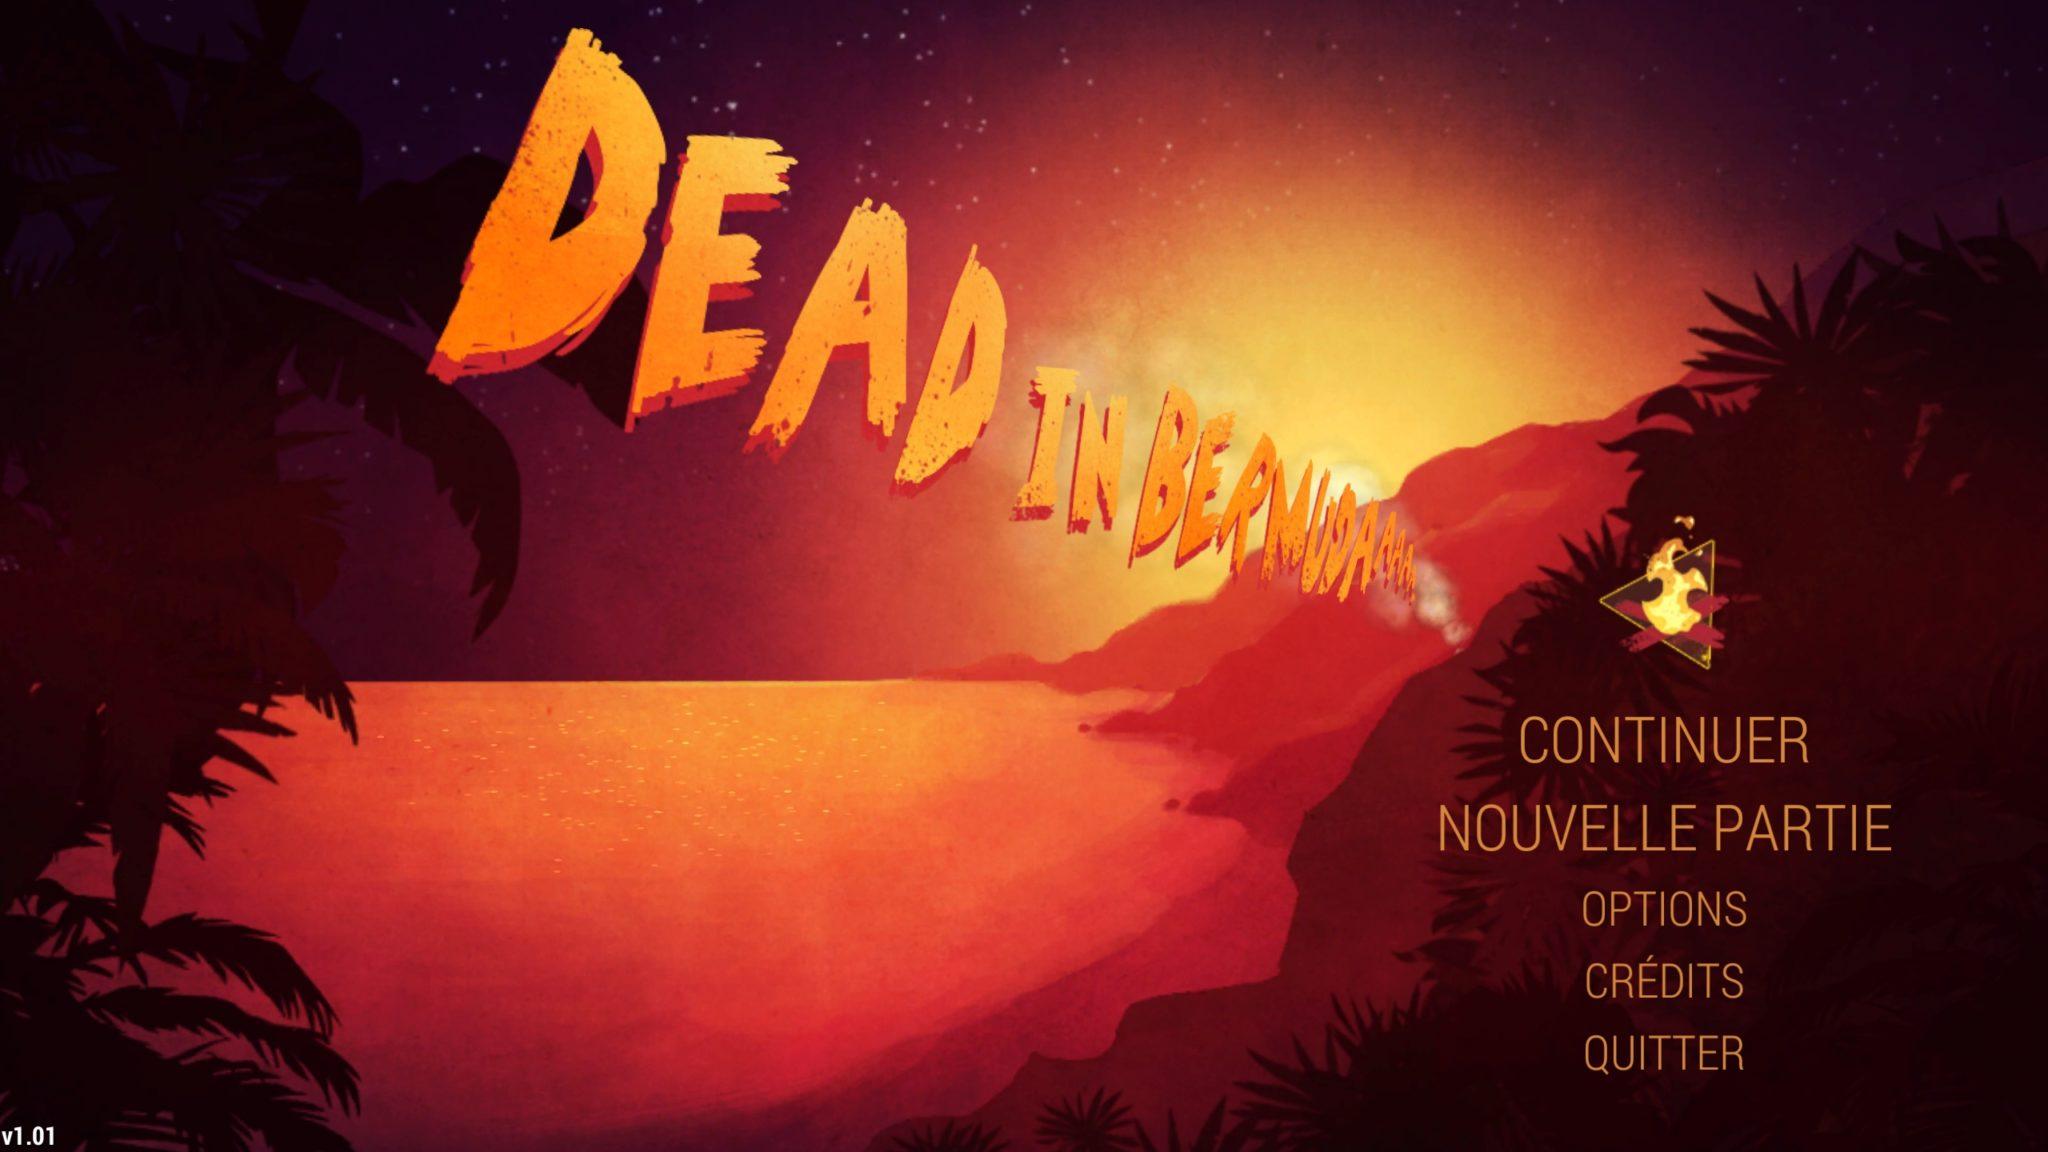 Dead in bermuda   guide des mécaniques avancées   game guide.fr